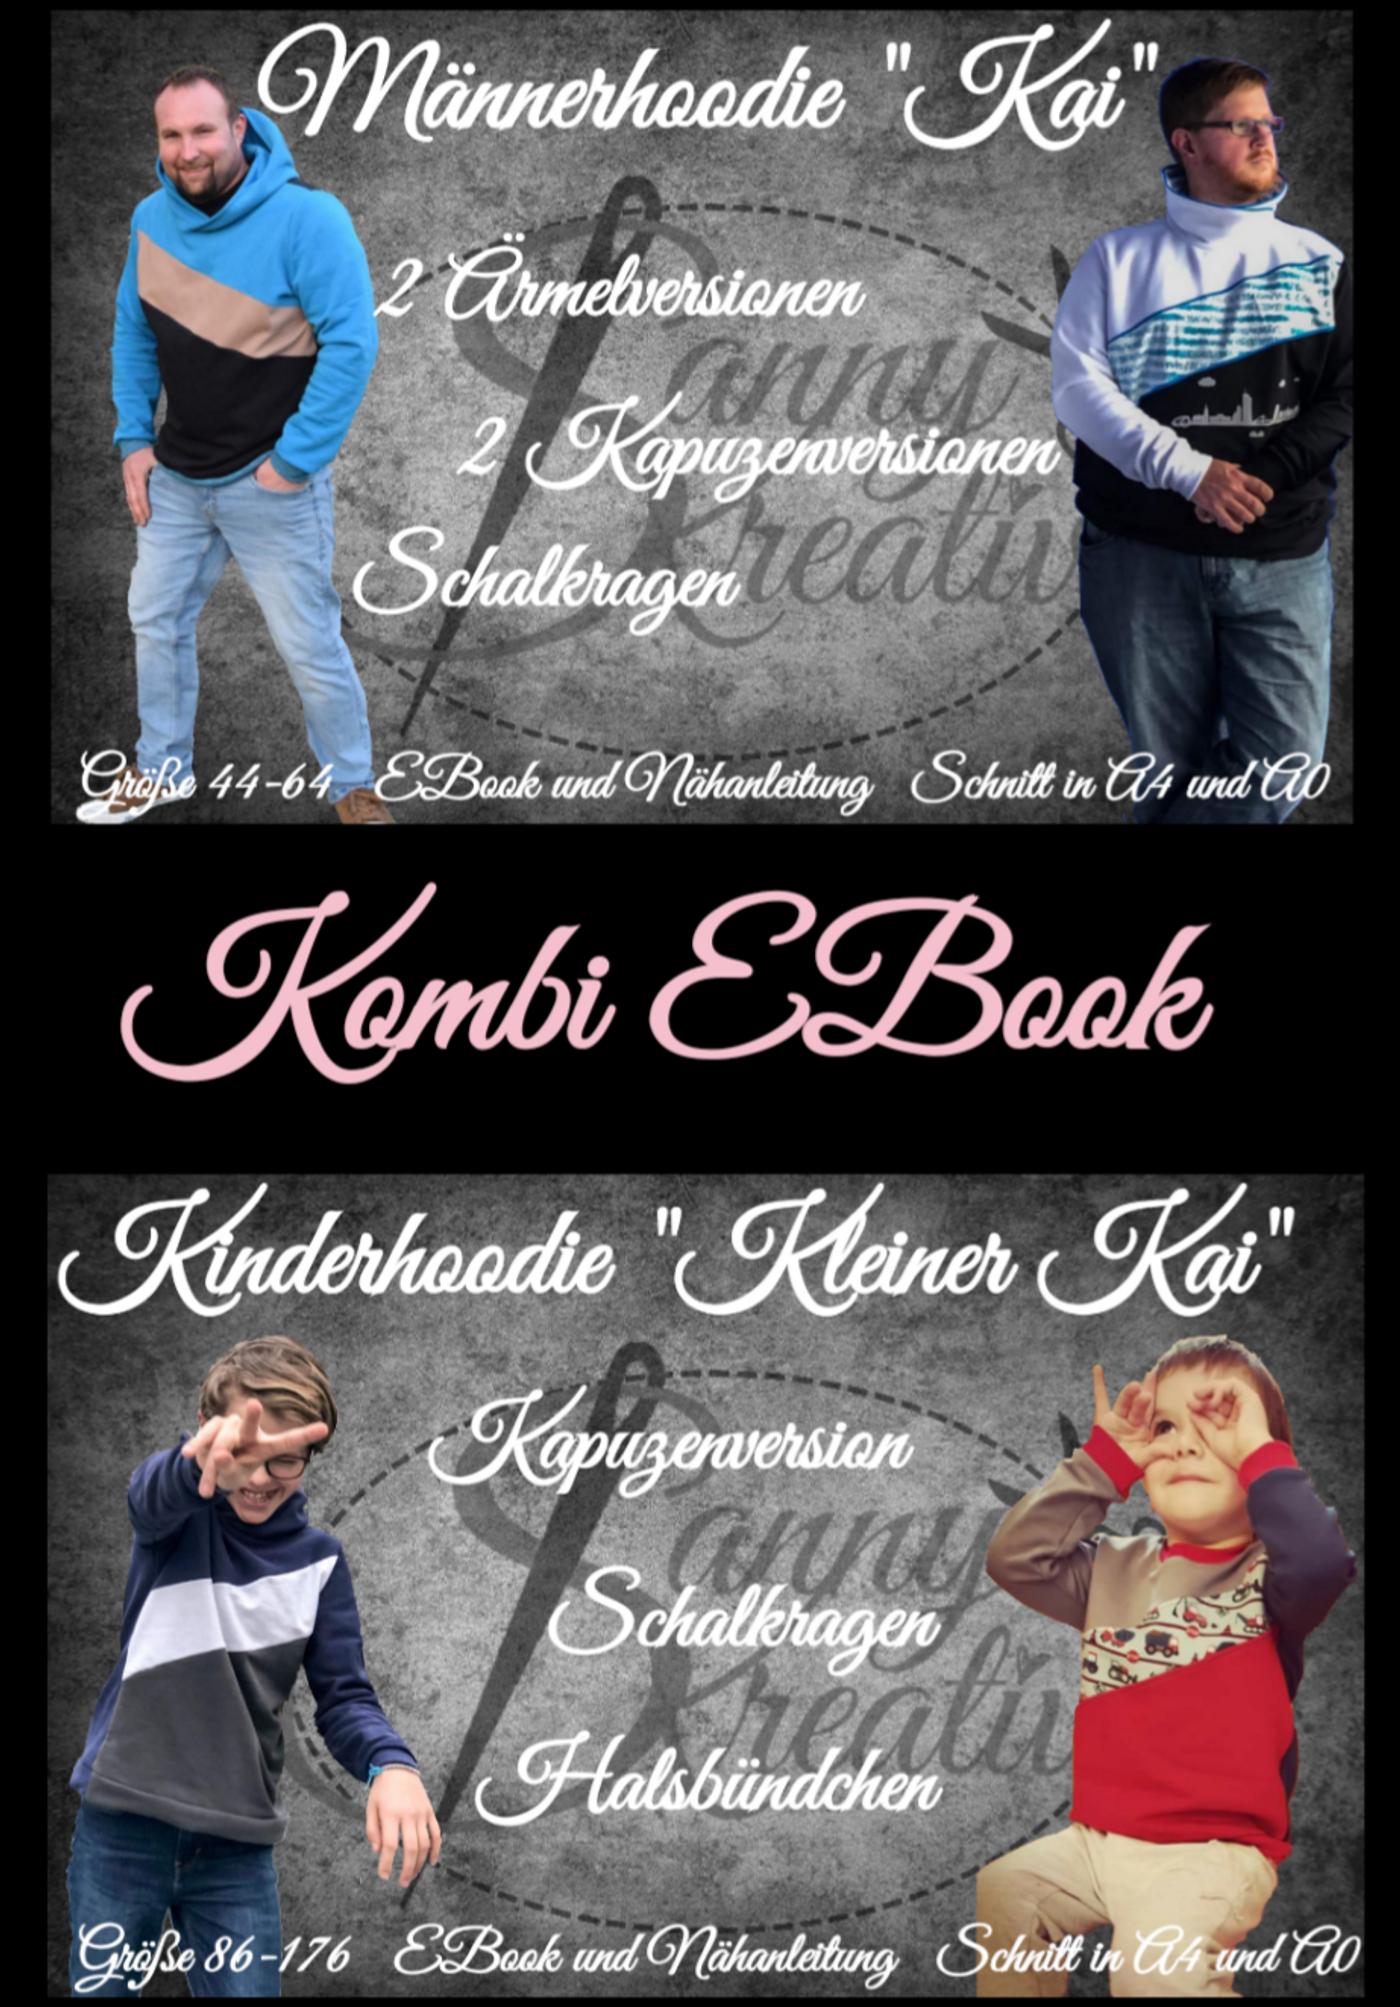 Produktfoto 1 von Sanny Kreativ für Schnittmuster Kombi Ebook Hoodie Kai und kleiner Kai